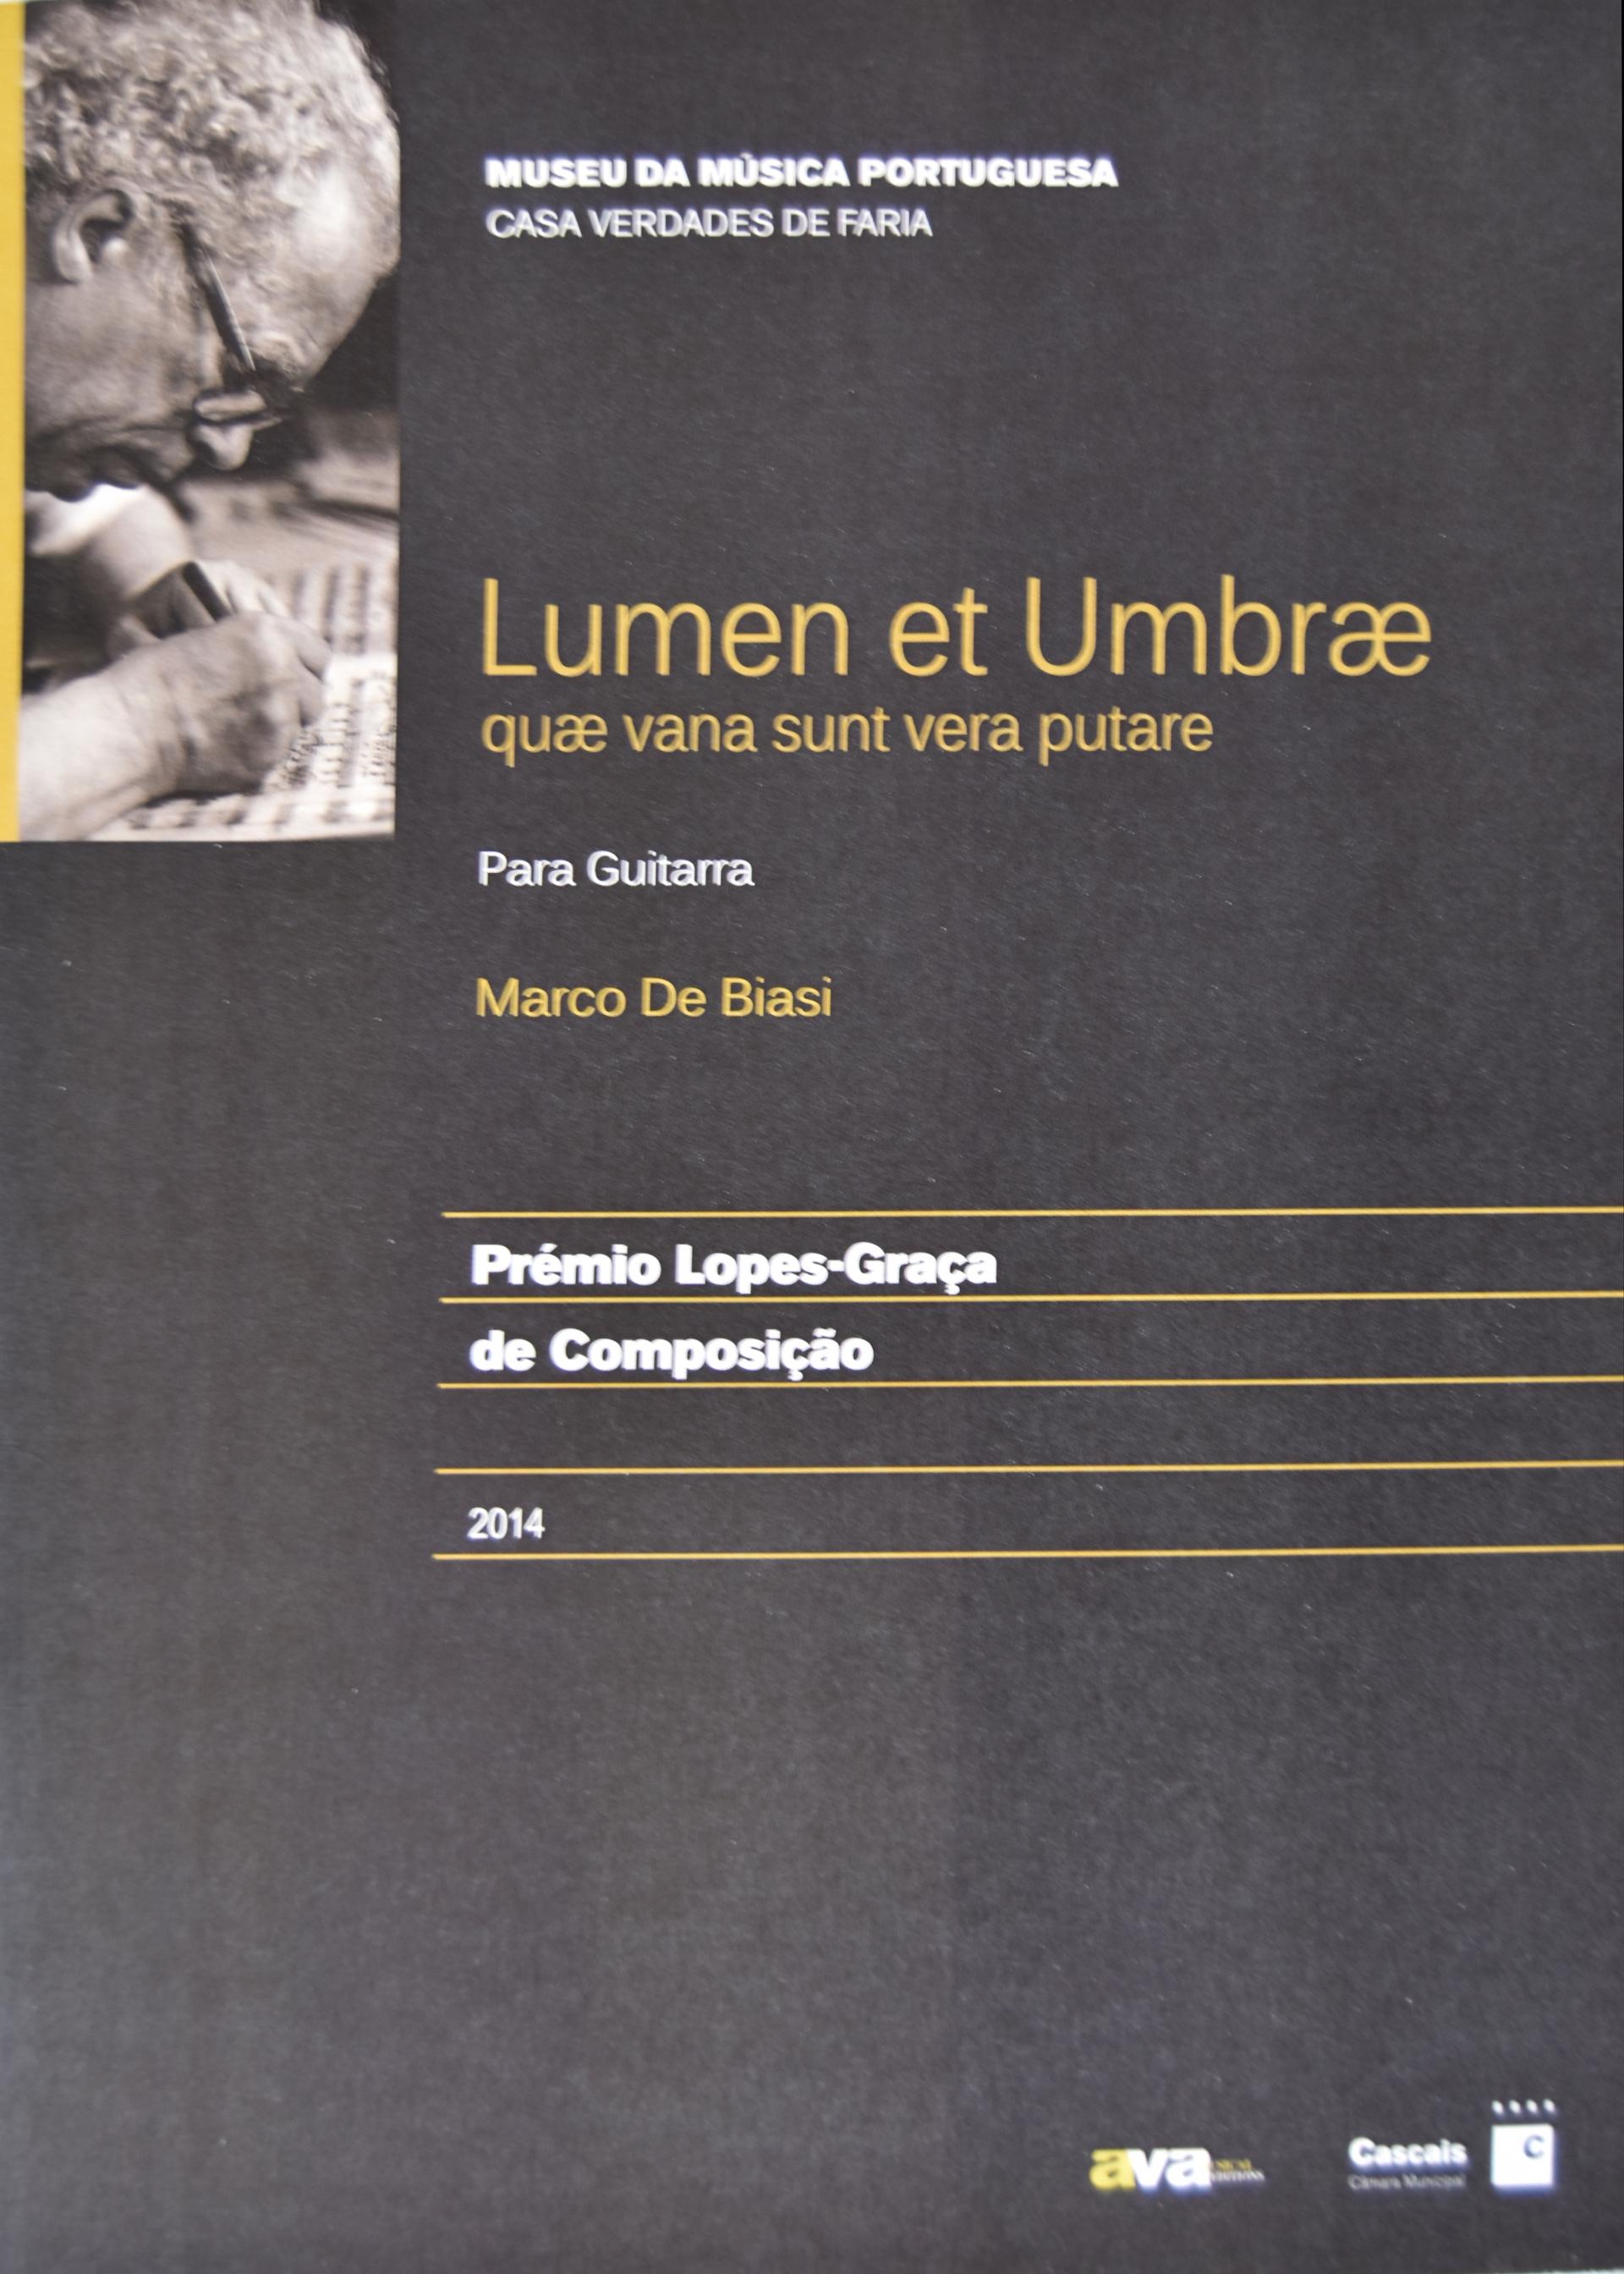 COPERTINA LUMEN ET UMBRAE - MARCO DE BIASI